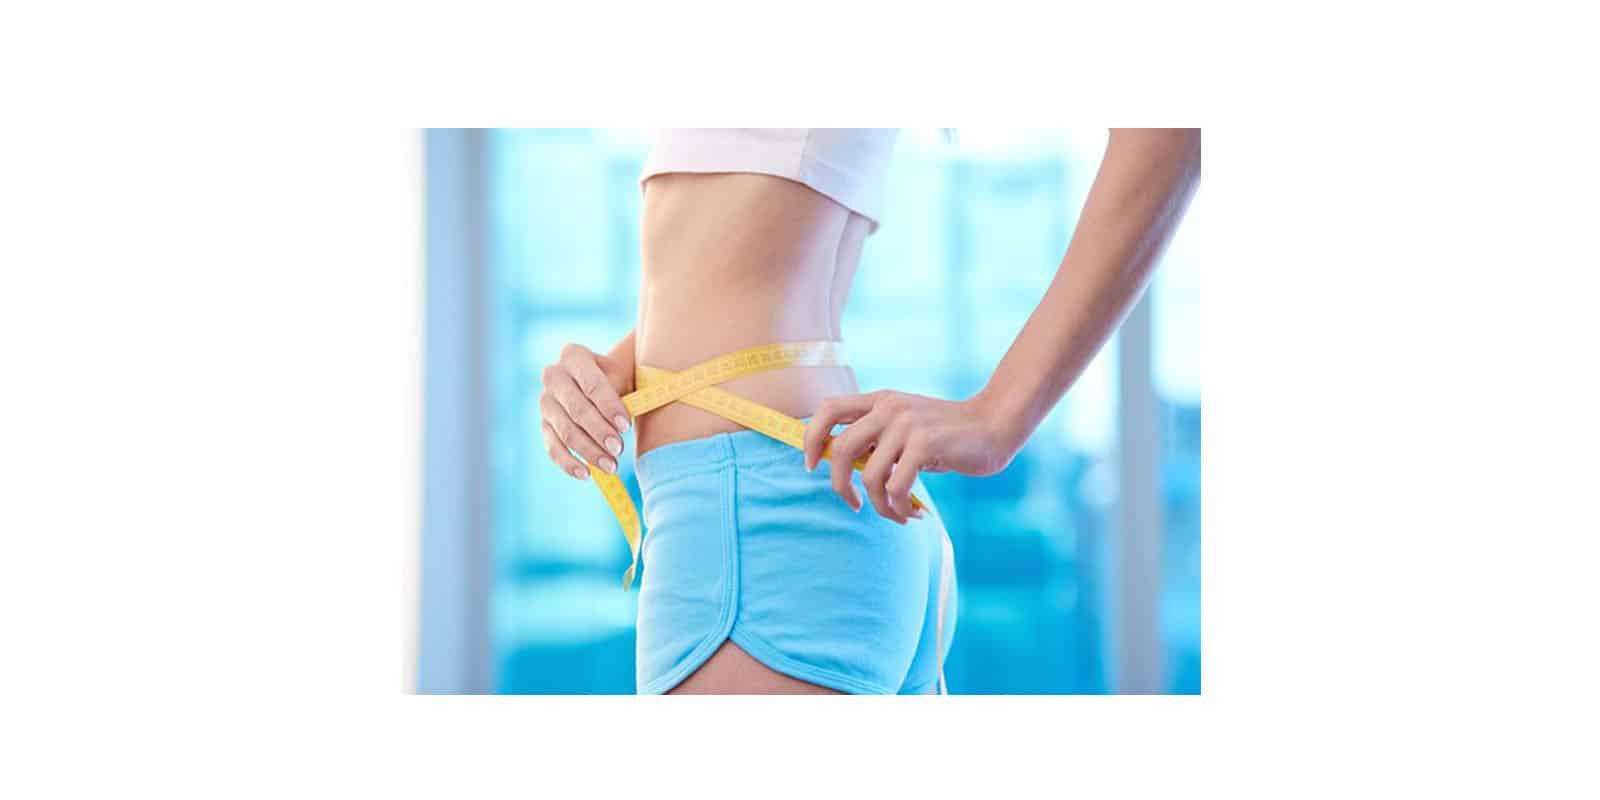 Autaphagene weight loss supplement